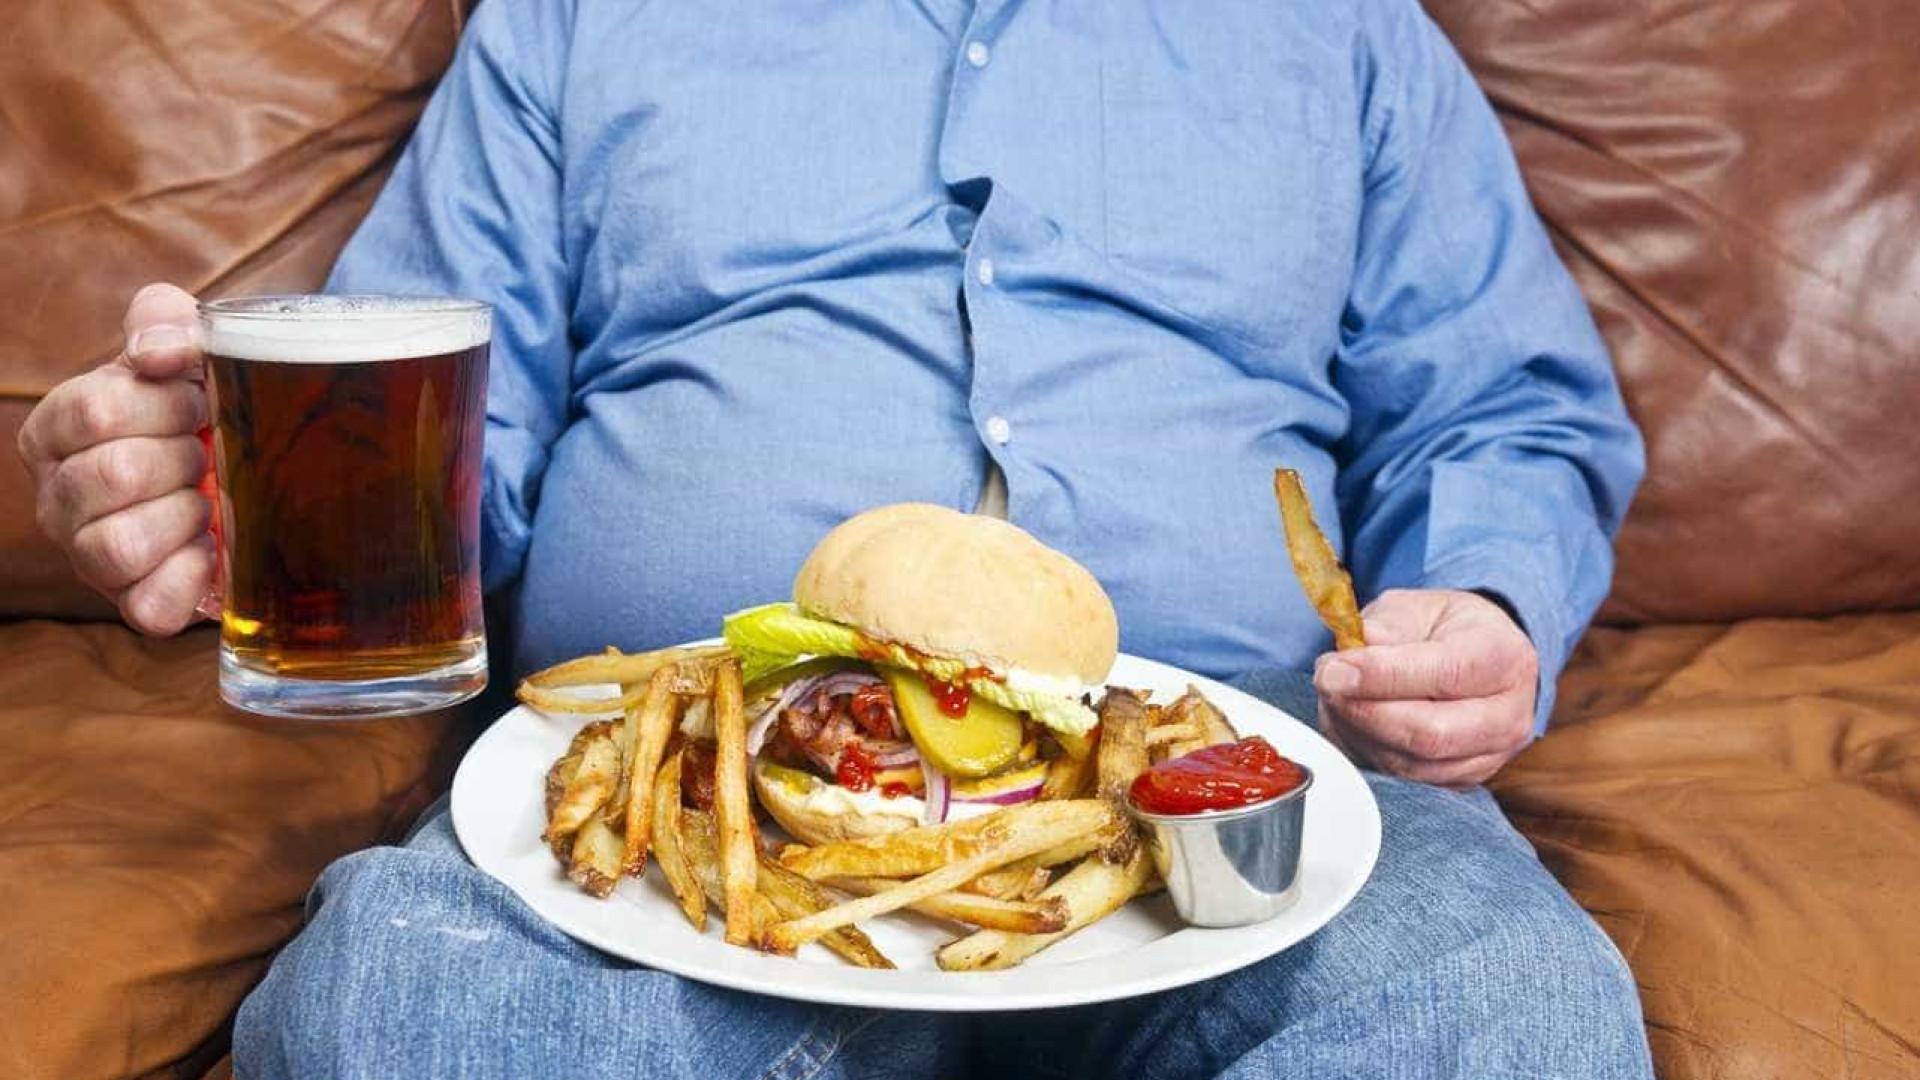 Comer fast-food influencia estado de angústia